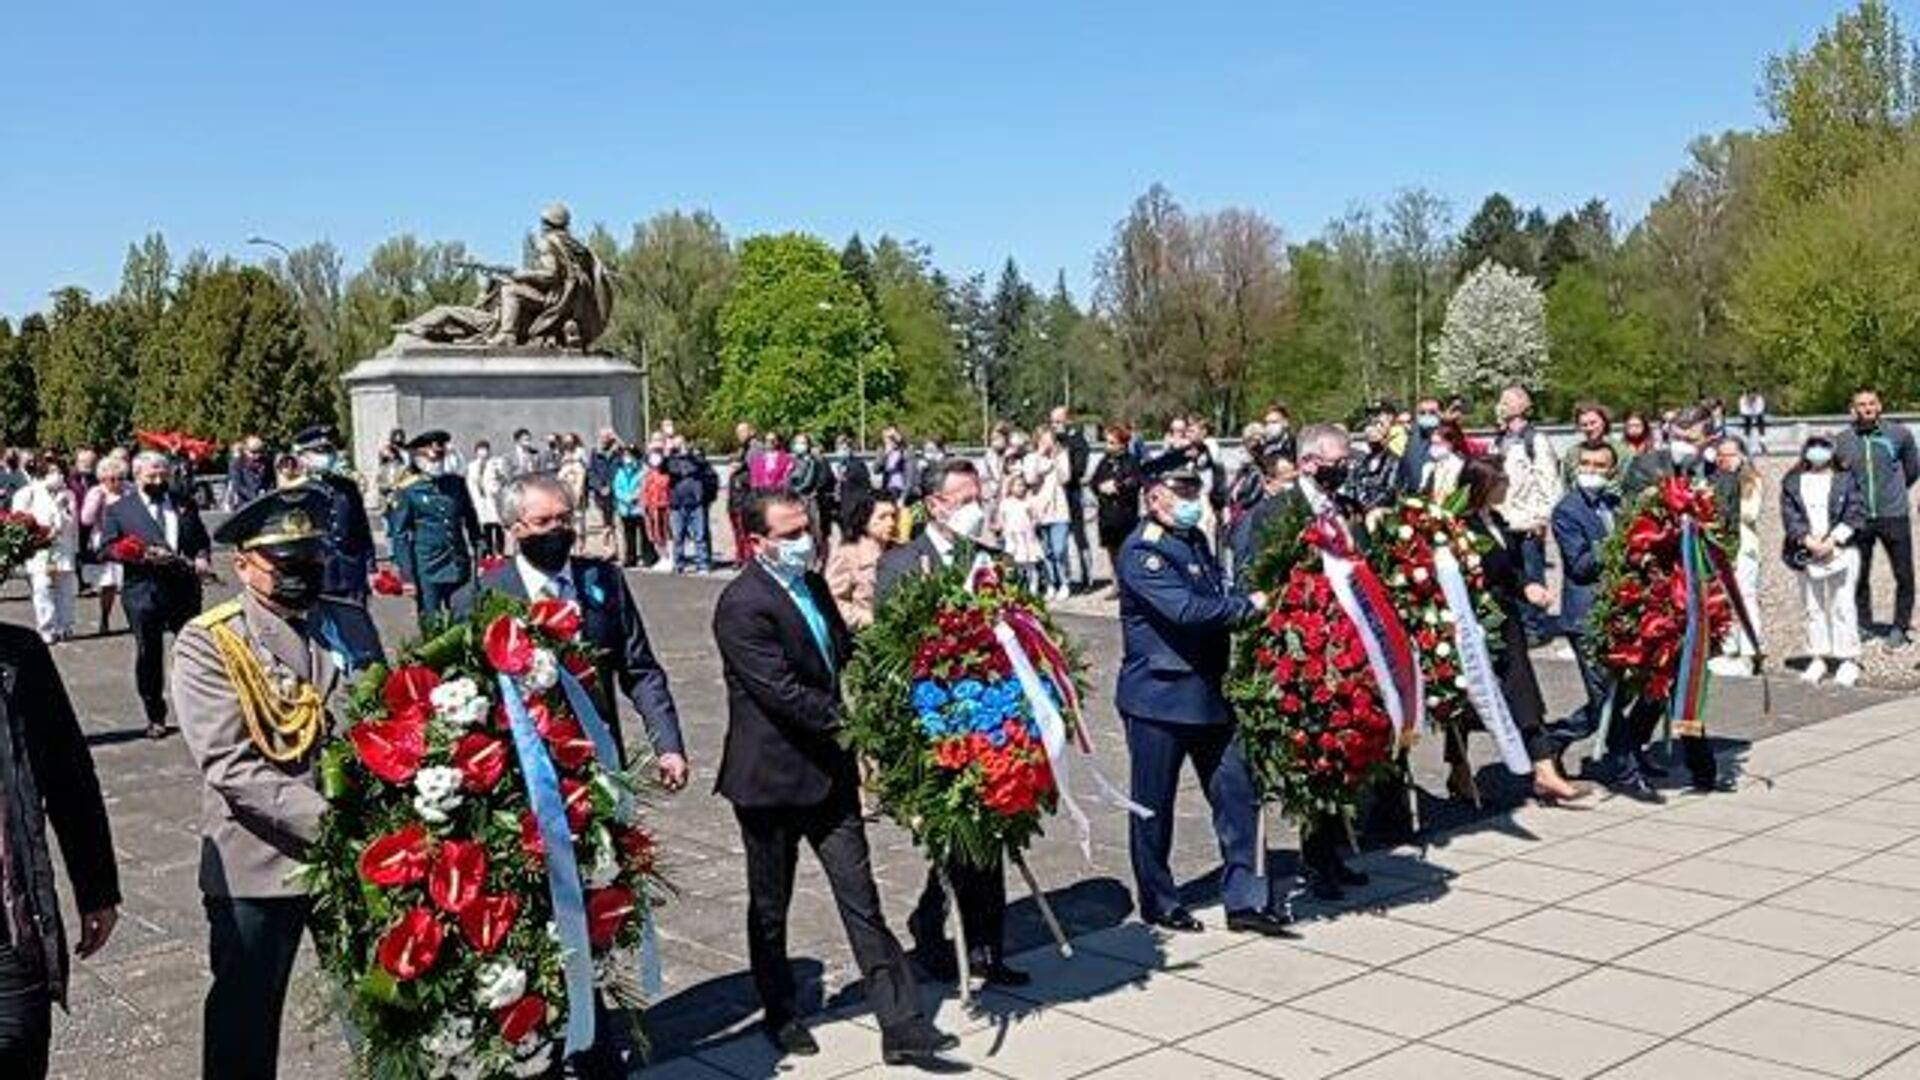 Возложение цветов к мемориалу в Варшаве  - РИА Новости, 1920, 09.05.2021